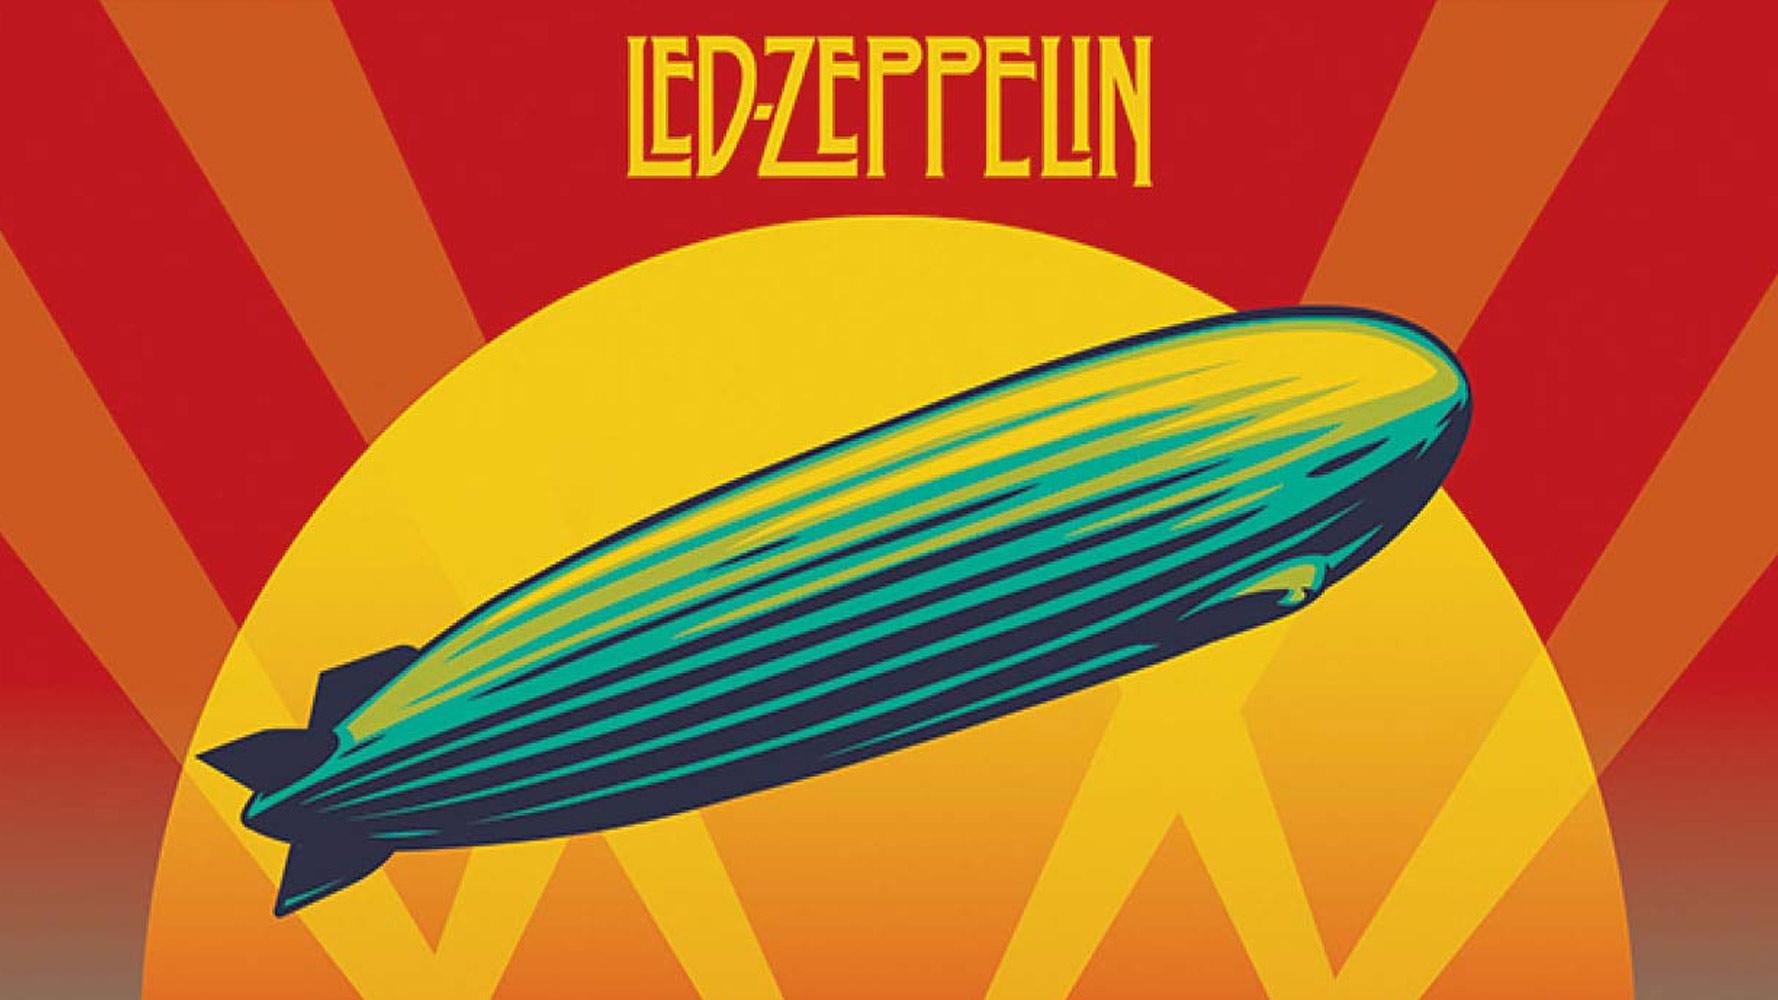 flipper-led-zeppelin